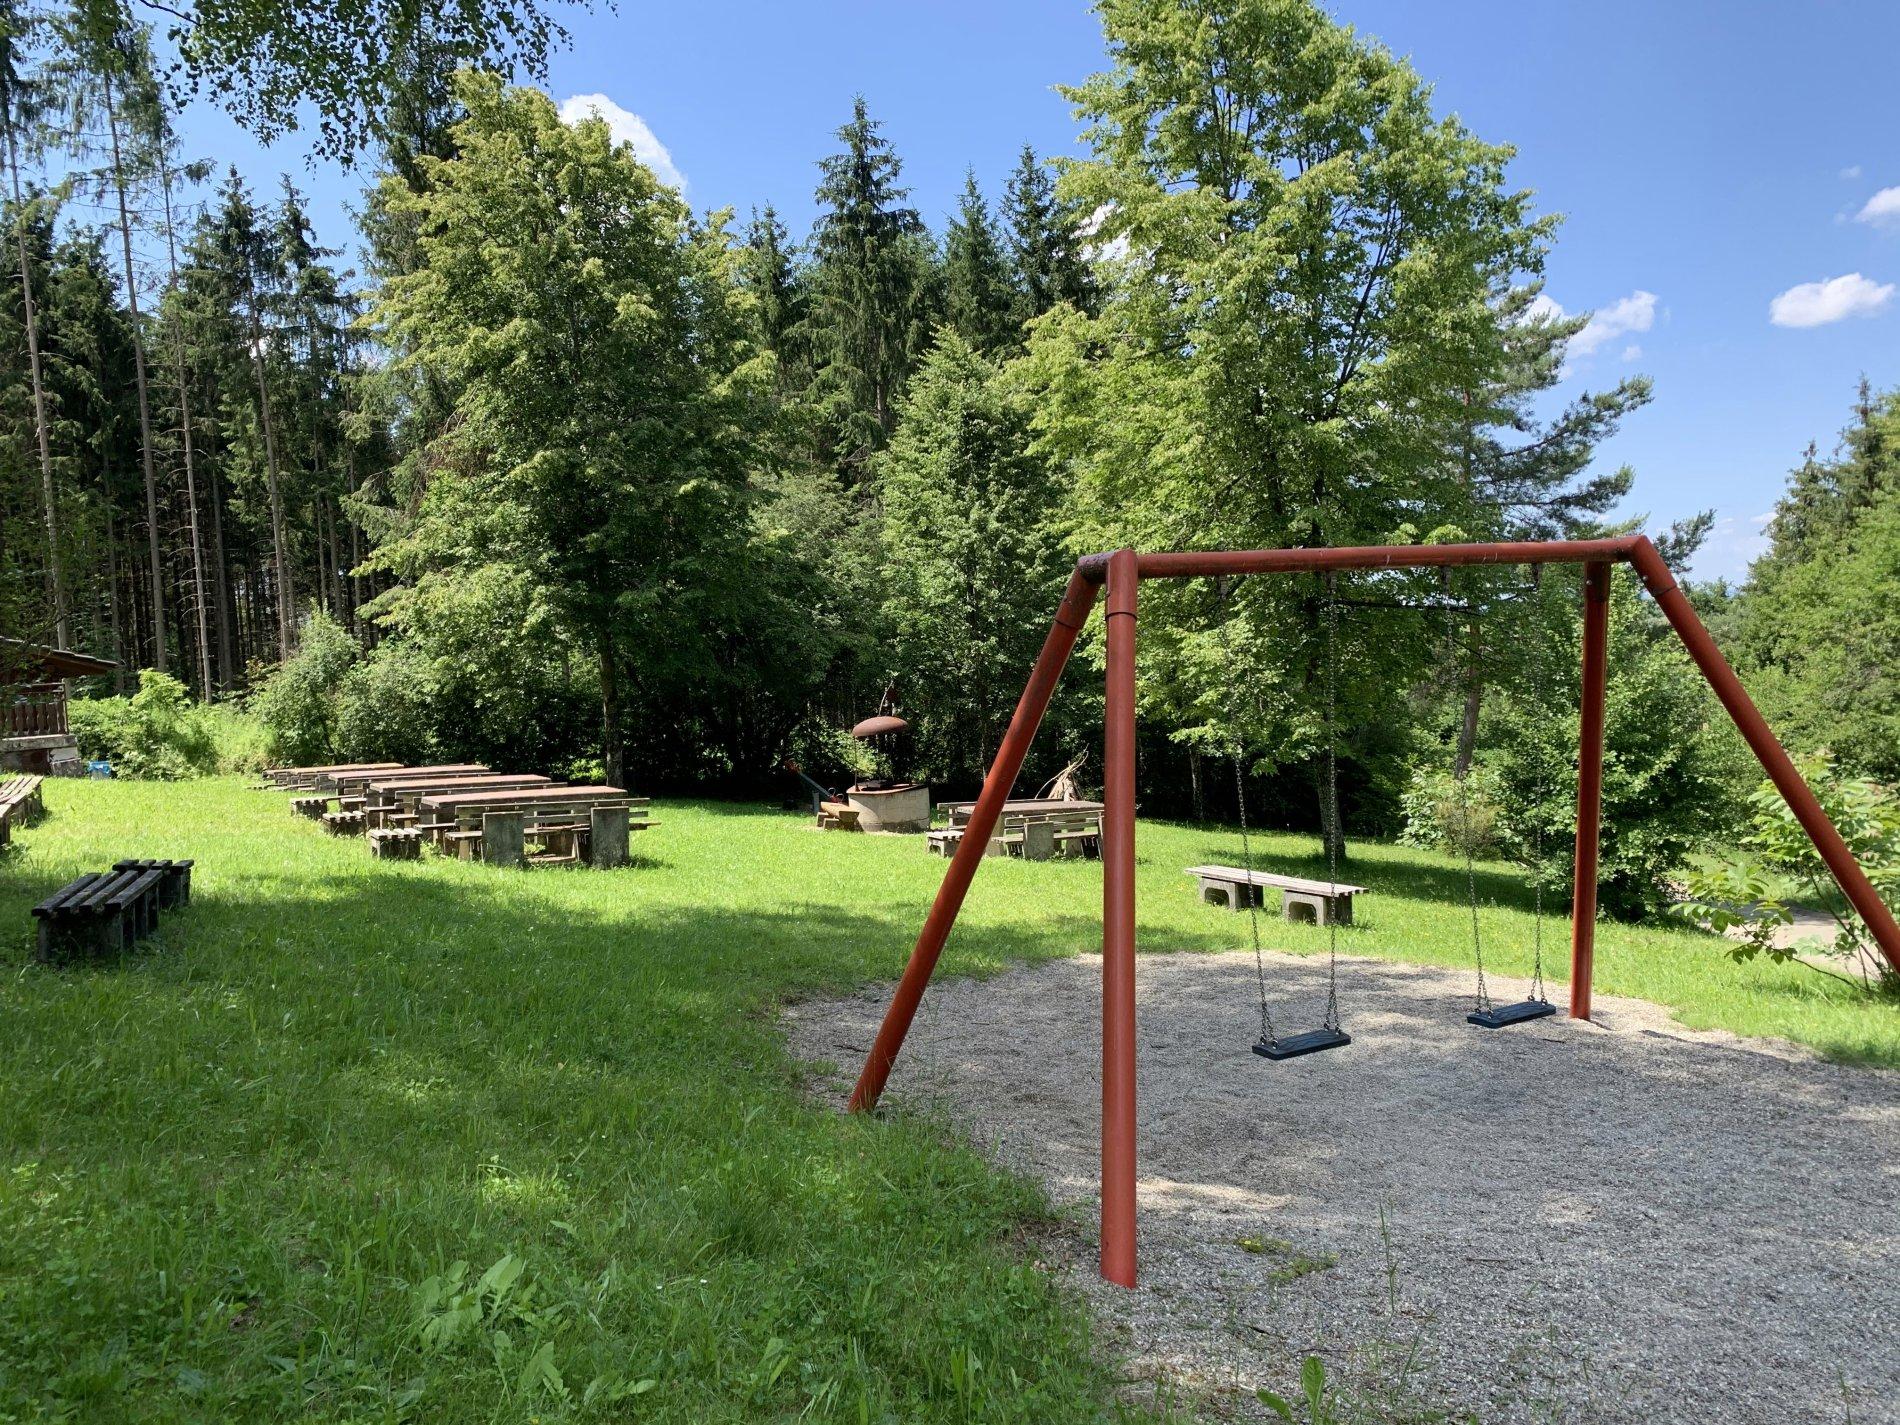 """Spielplatz """"Hörnle"""" mit Schaukel und Sitzbänken"""